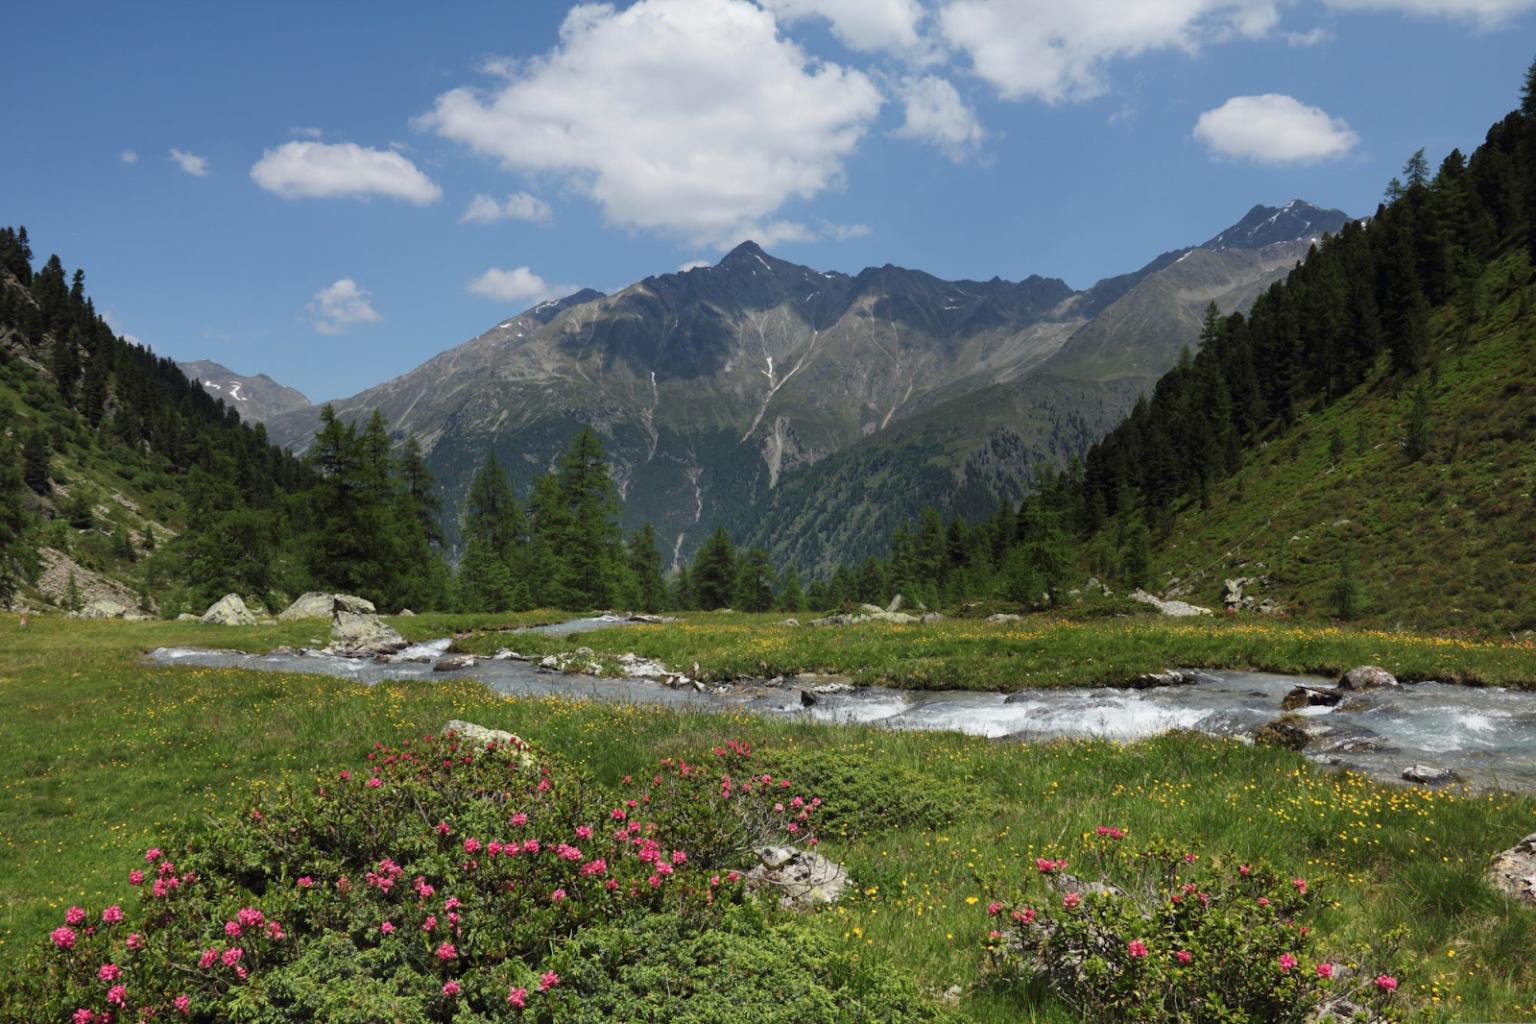 Alpen im Frühjahr ist, wo jede Wanderung einer Rebirth-Erfahrung gleicht